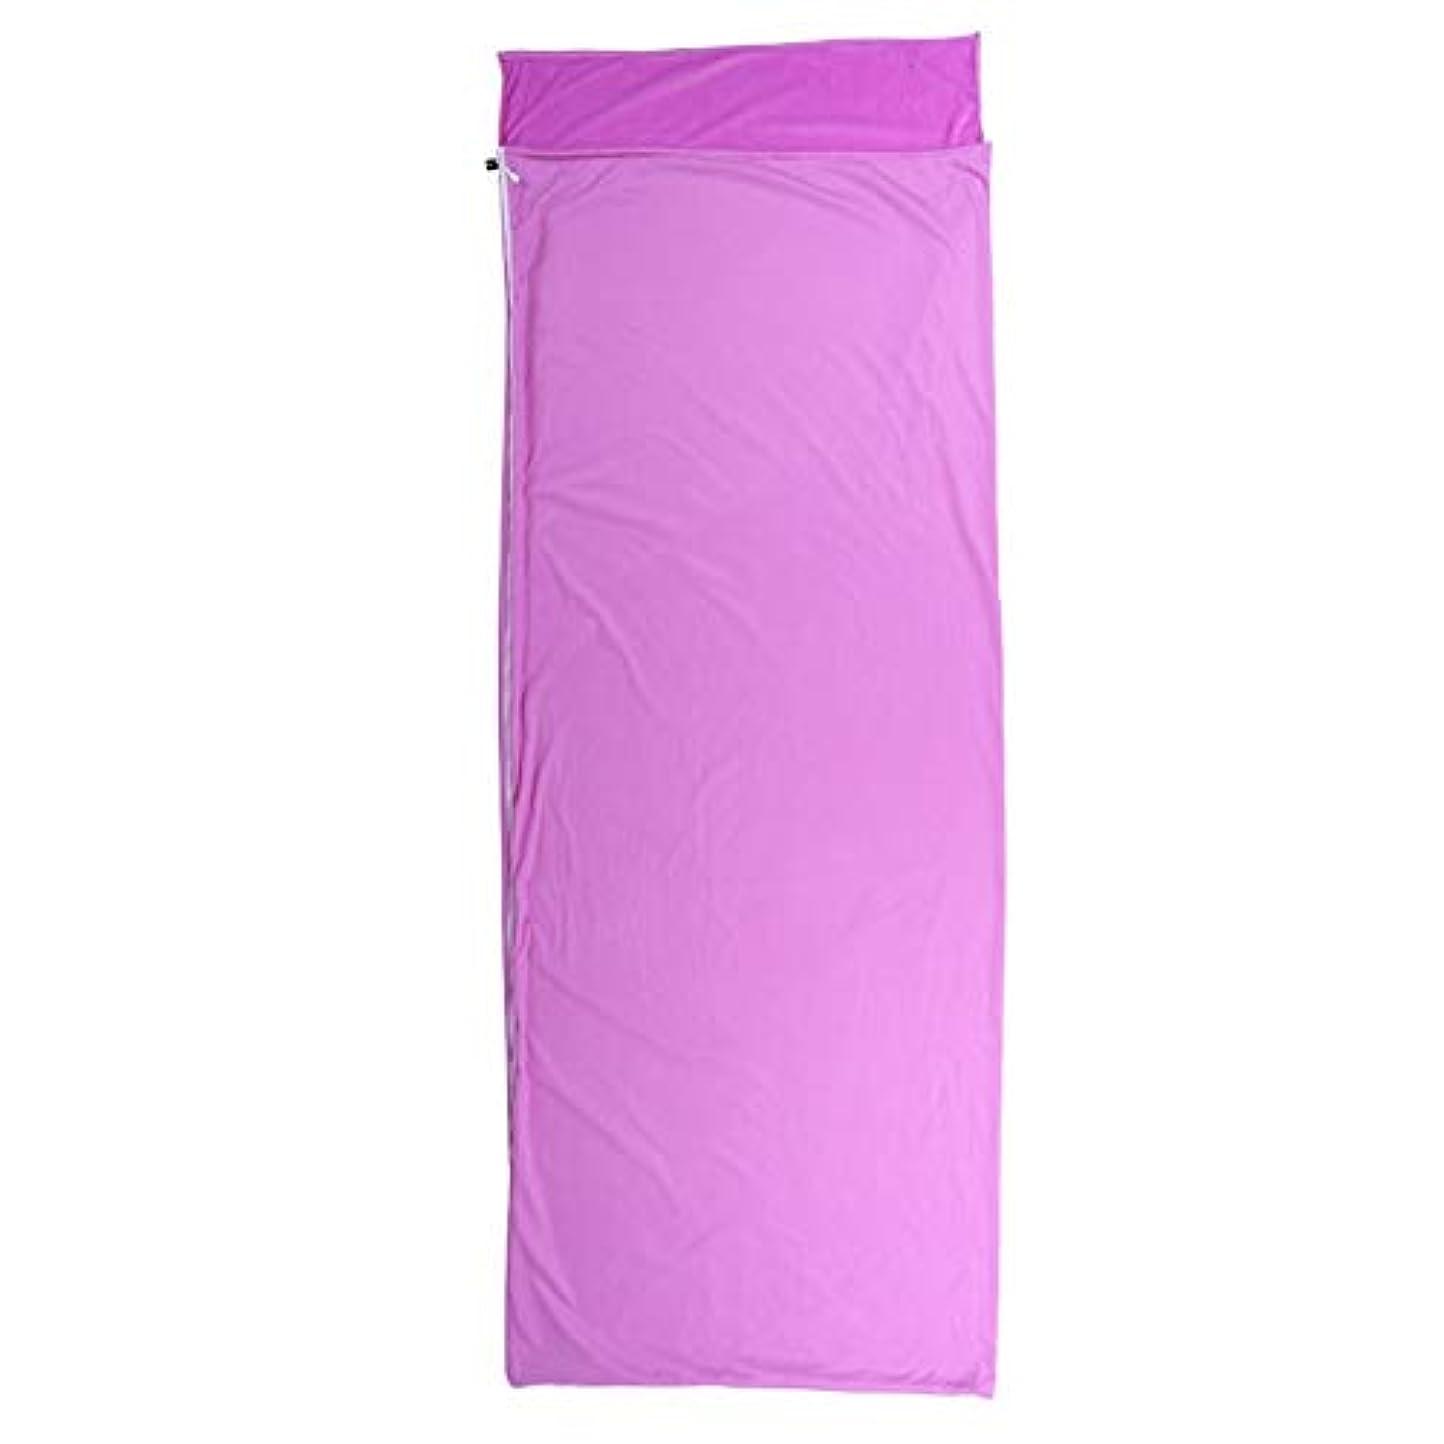 減少呪われたひまわり寝袋マットレスキルトテント3シーズンキャンプブッシュ屋外屋外 寝袋ライナー大人のアウトドア旅行封筒ウルトラライトポータブル旅行を準備する紫 個別の選択は完了しました (色 : 紫の)